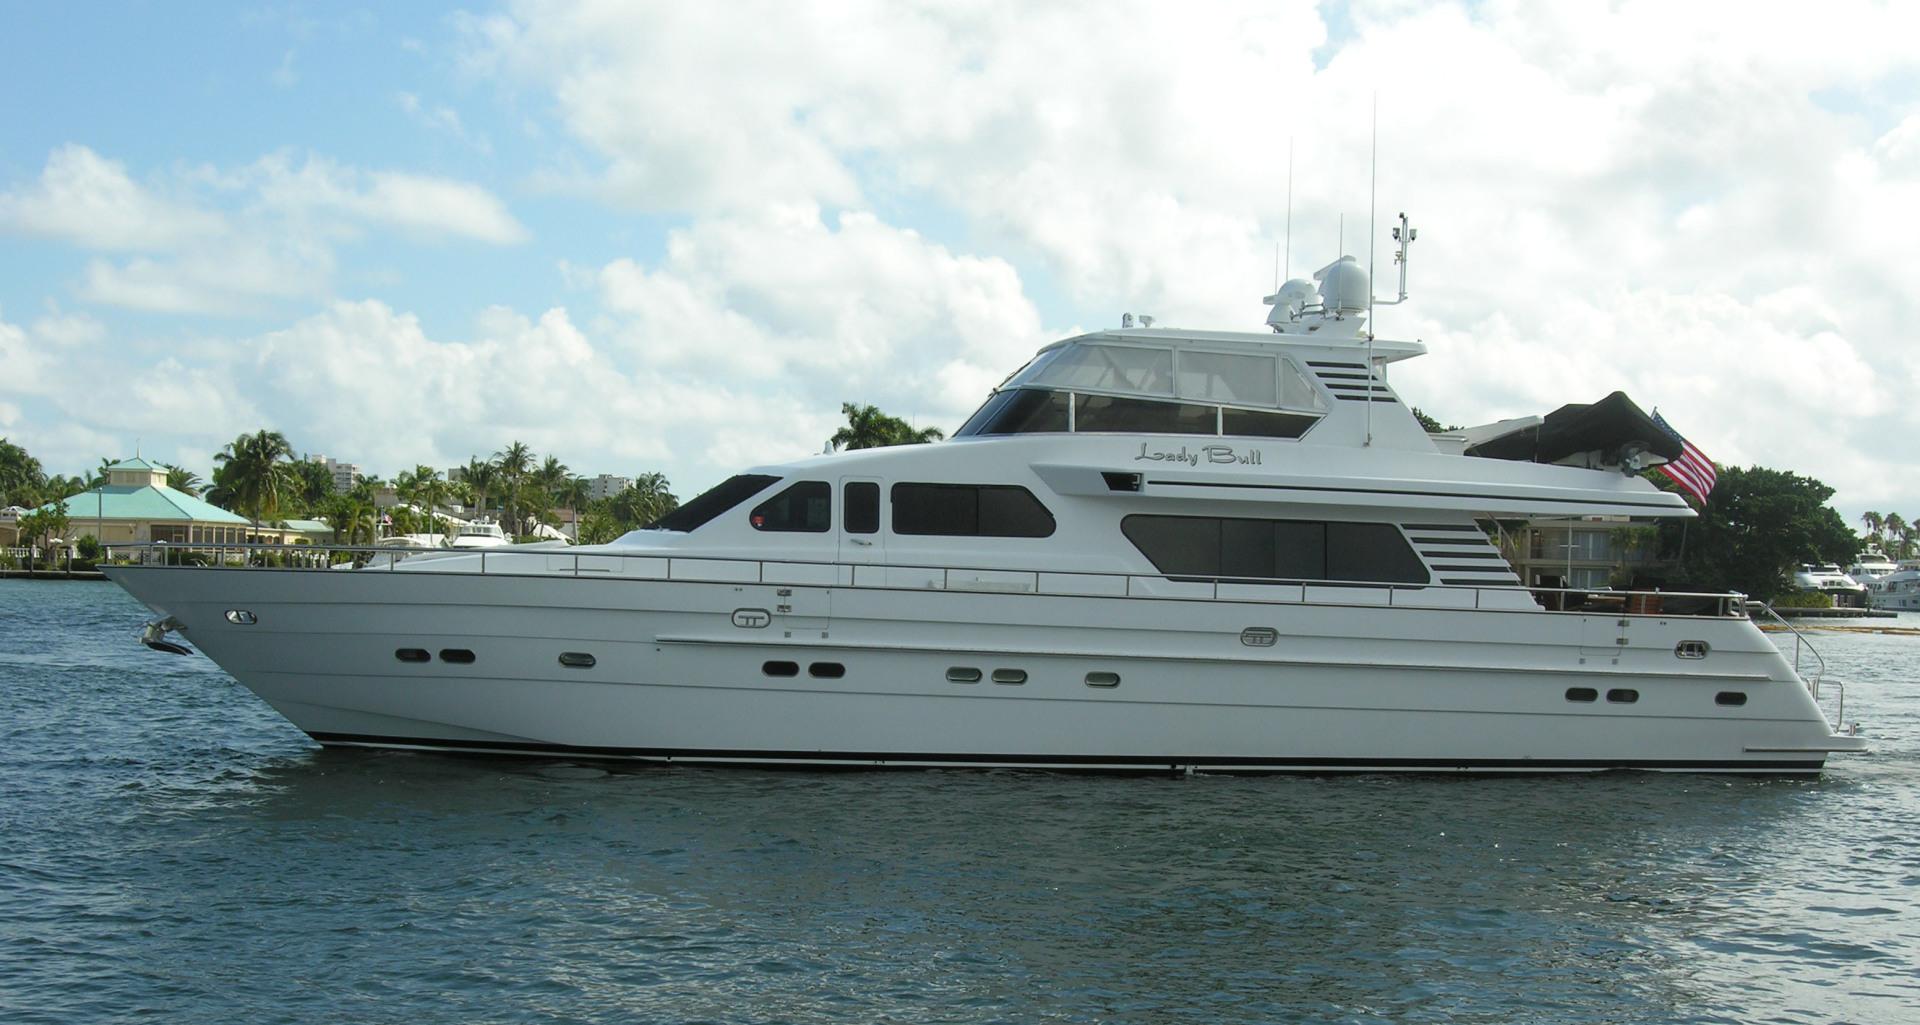 82' Horizon 2001 Flybridge Motor Yacht LADY BULL